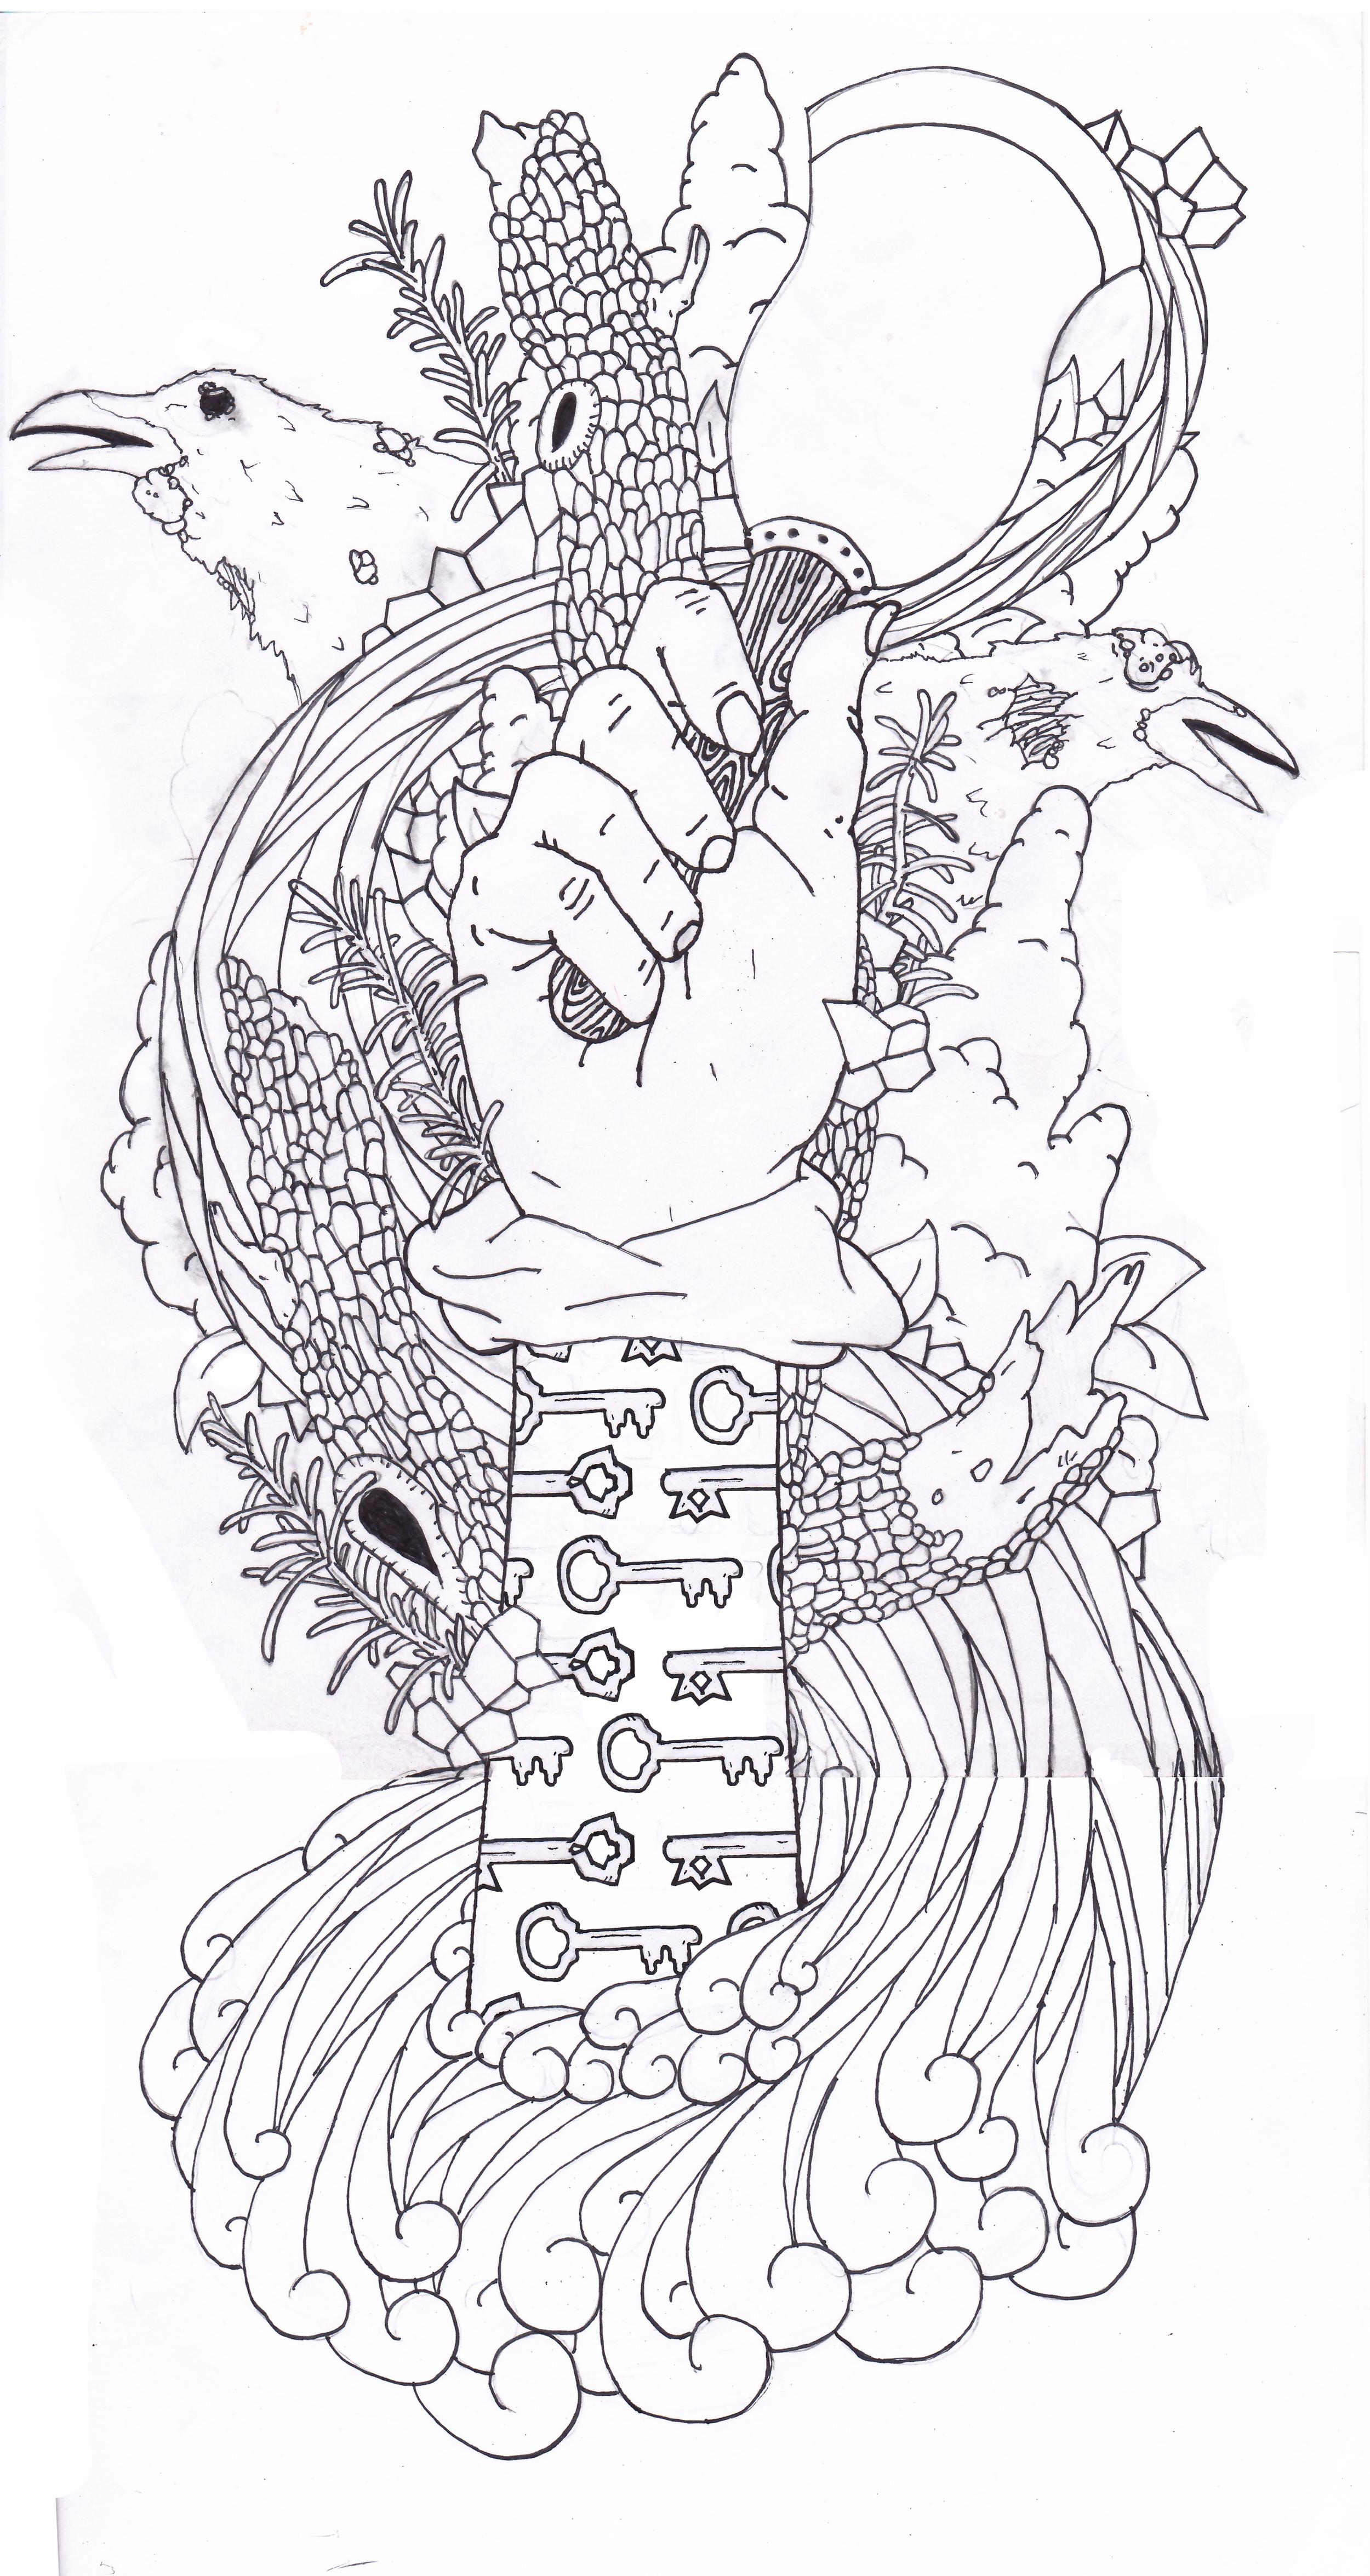 Abhorsen Design 4- Inked.jpg